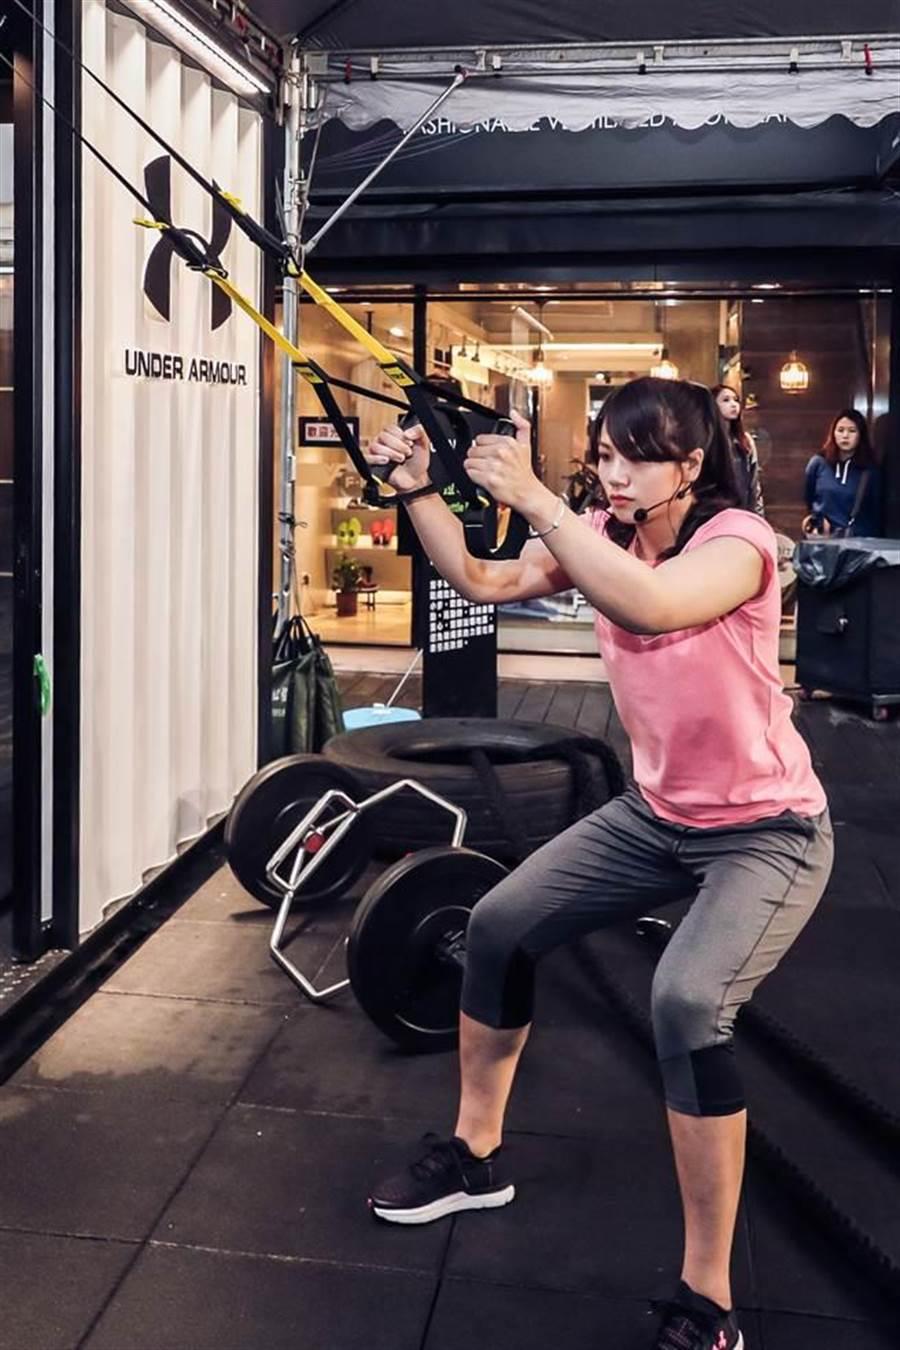 角力女將陳玟陵去年踏上奧運殿堂,因肩膀脫臼而失格,如今肩傷痊癒大半,將在全大運正式復出。(UNDER ARMOUR提供)